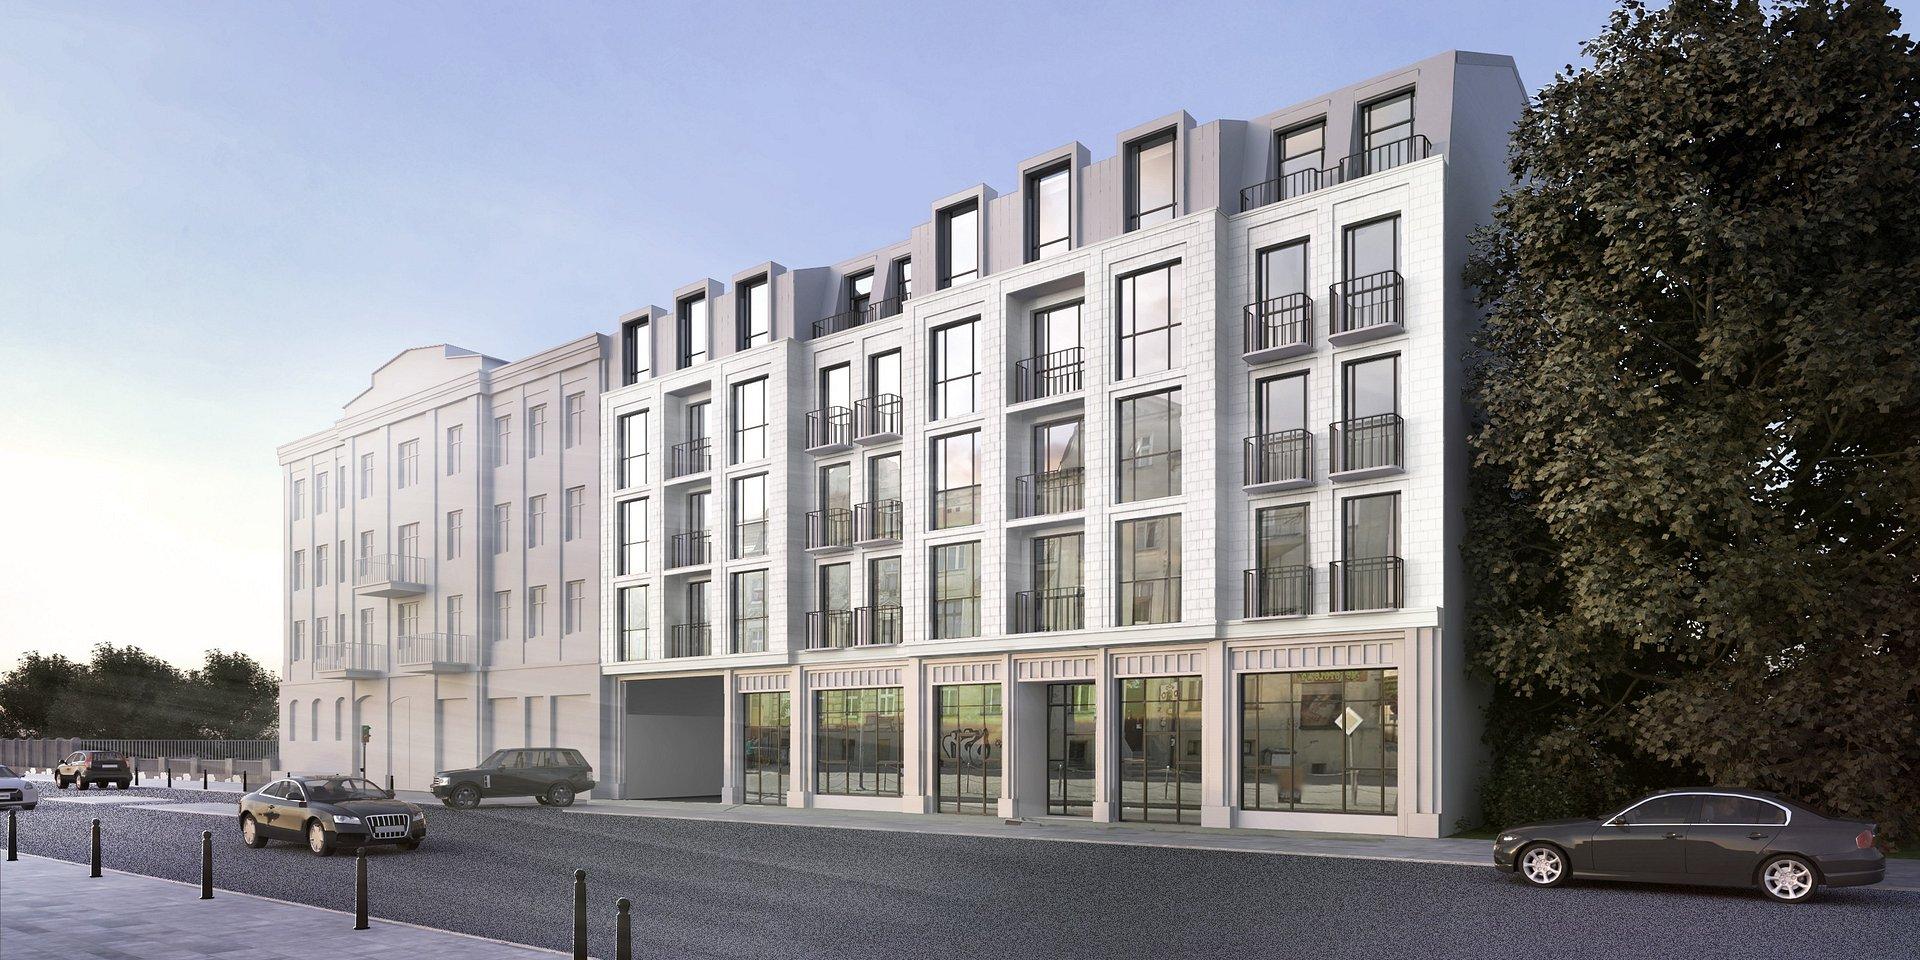 ANTCZAK Residential rozpoczyna inwestycję Łódzka 7 w Kaliszu